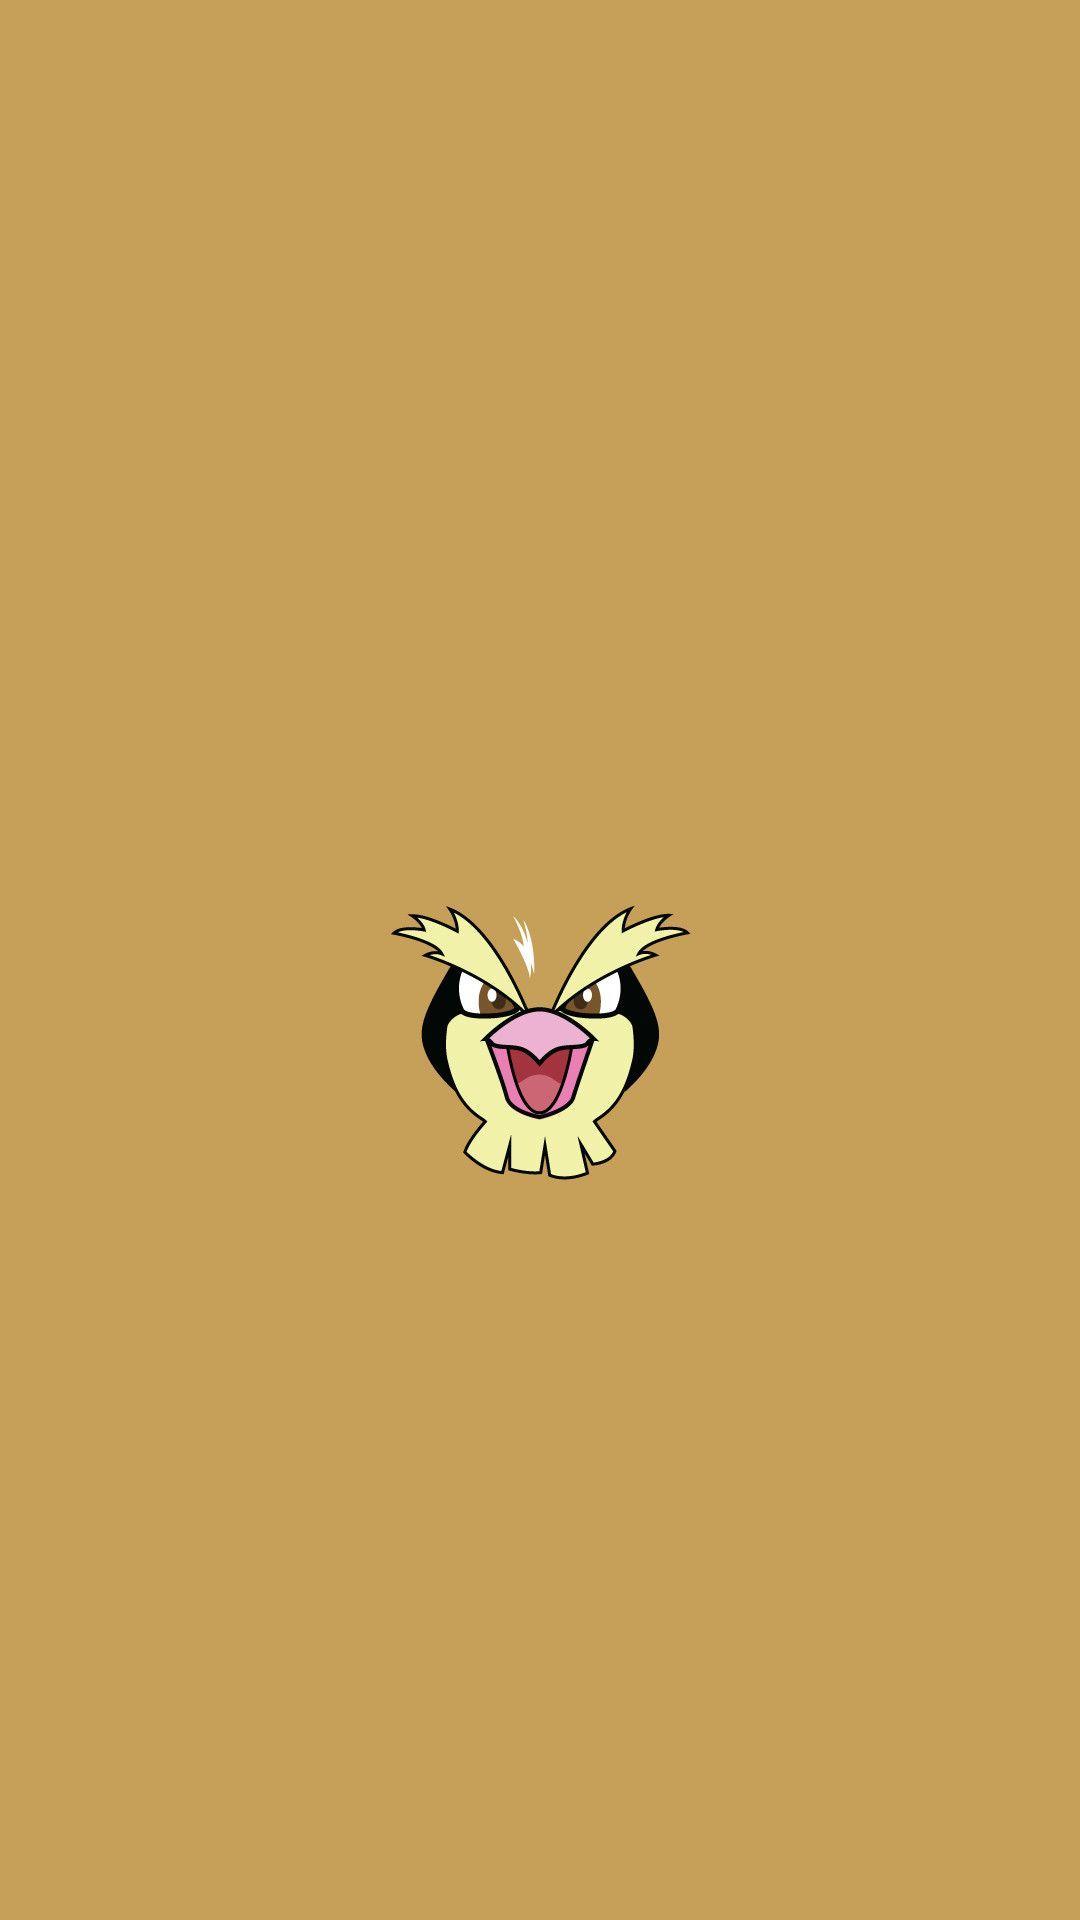 Pokemon Minimalist iPhone wallpaper tumblr